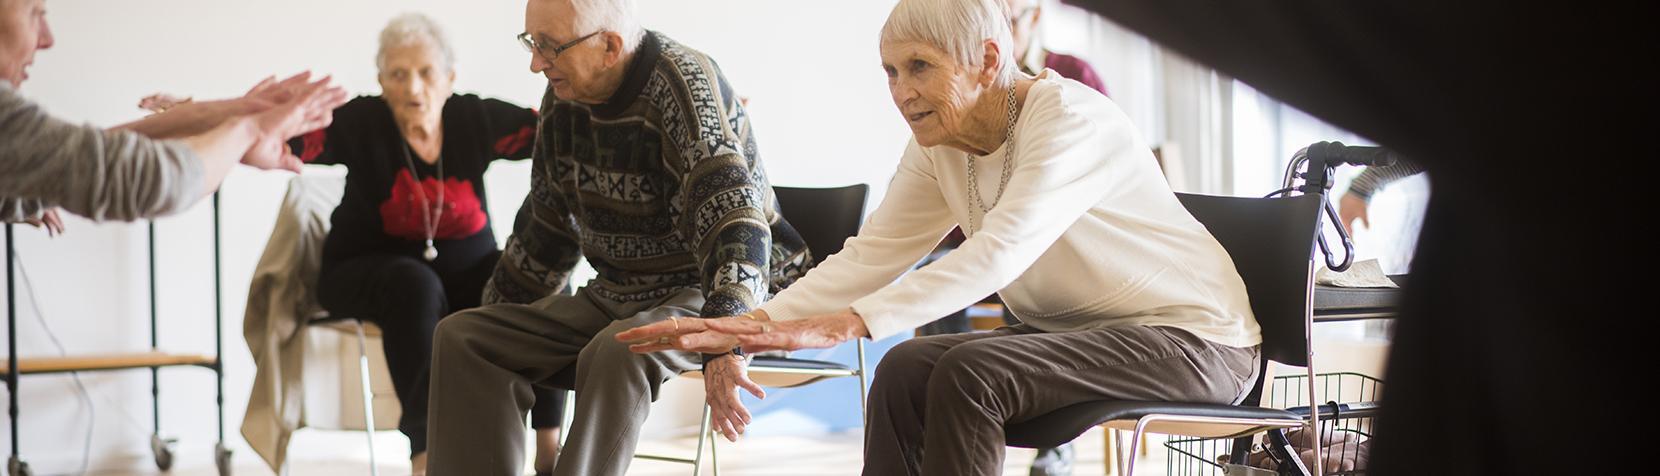 Ældre borgere laver gymnastik